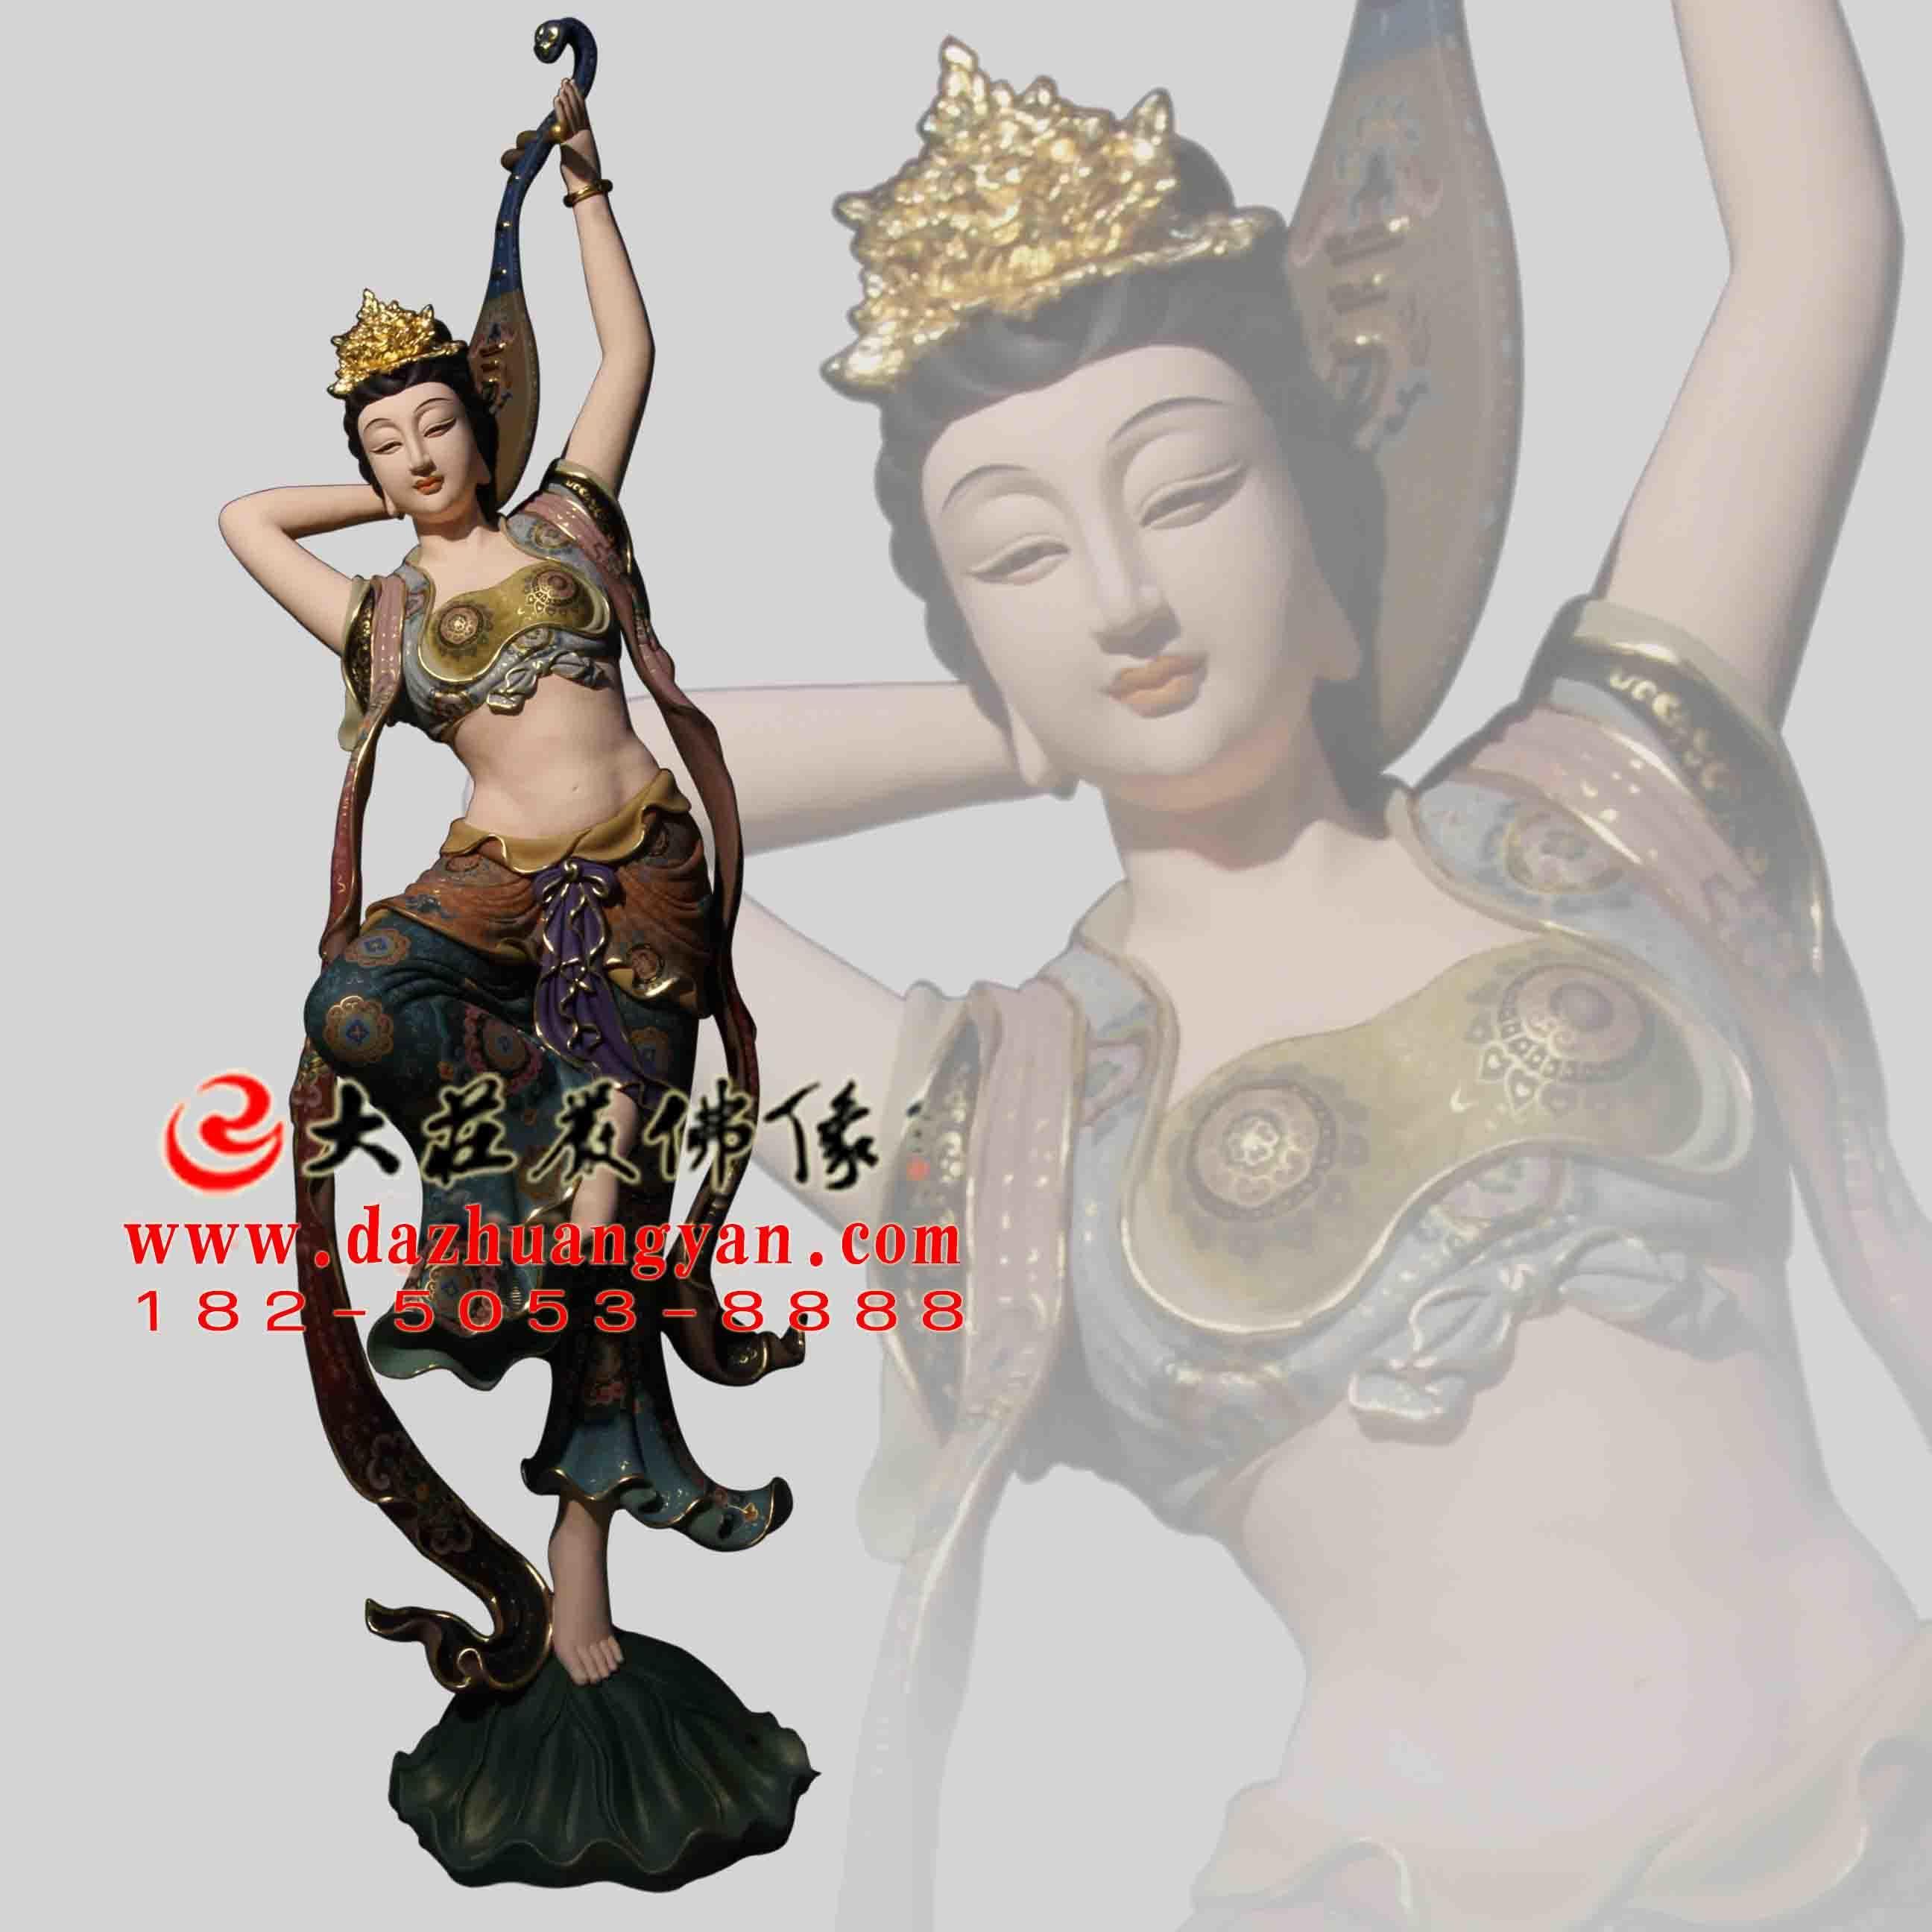 反弹琵琶伎乐天彩绘神像